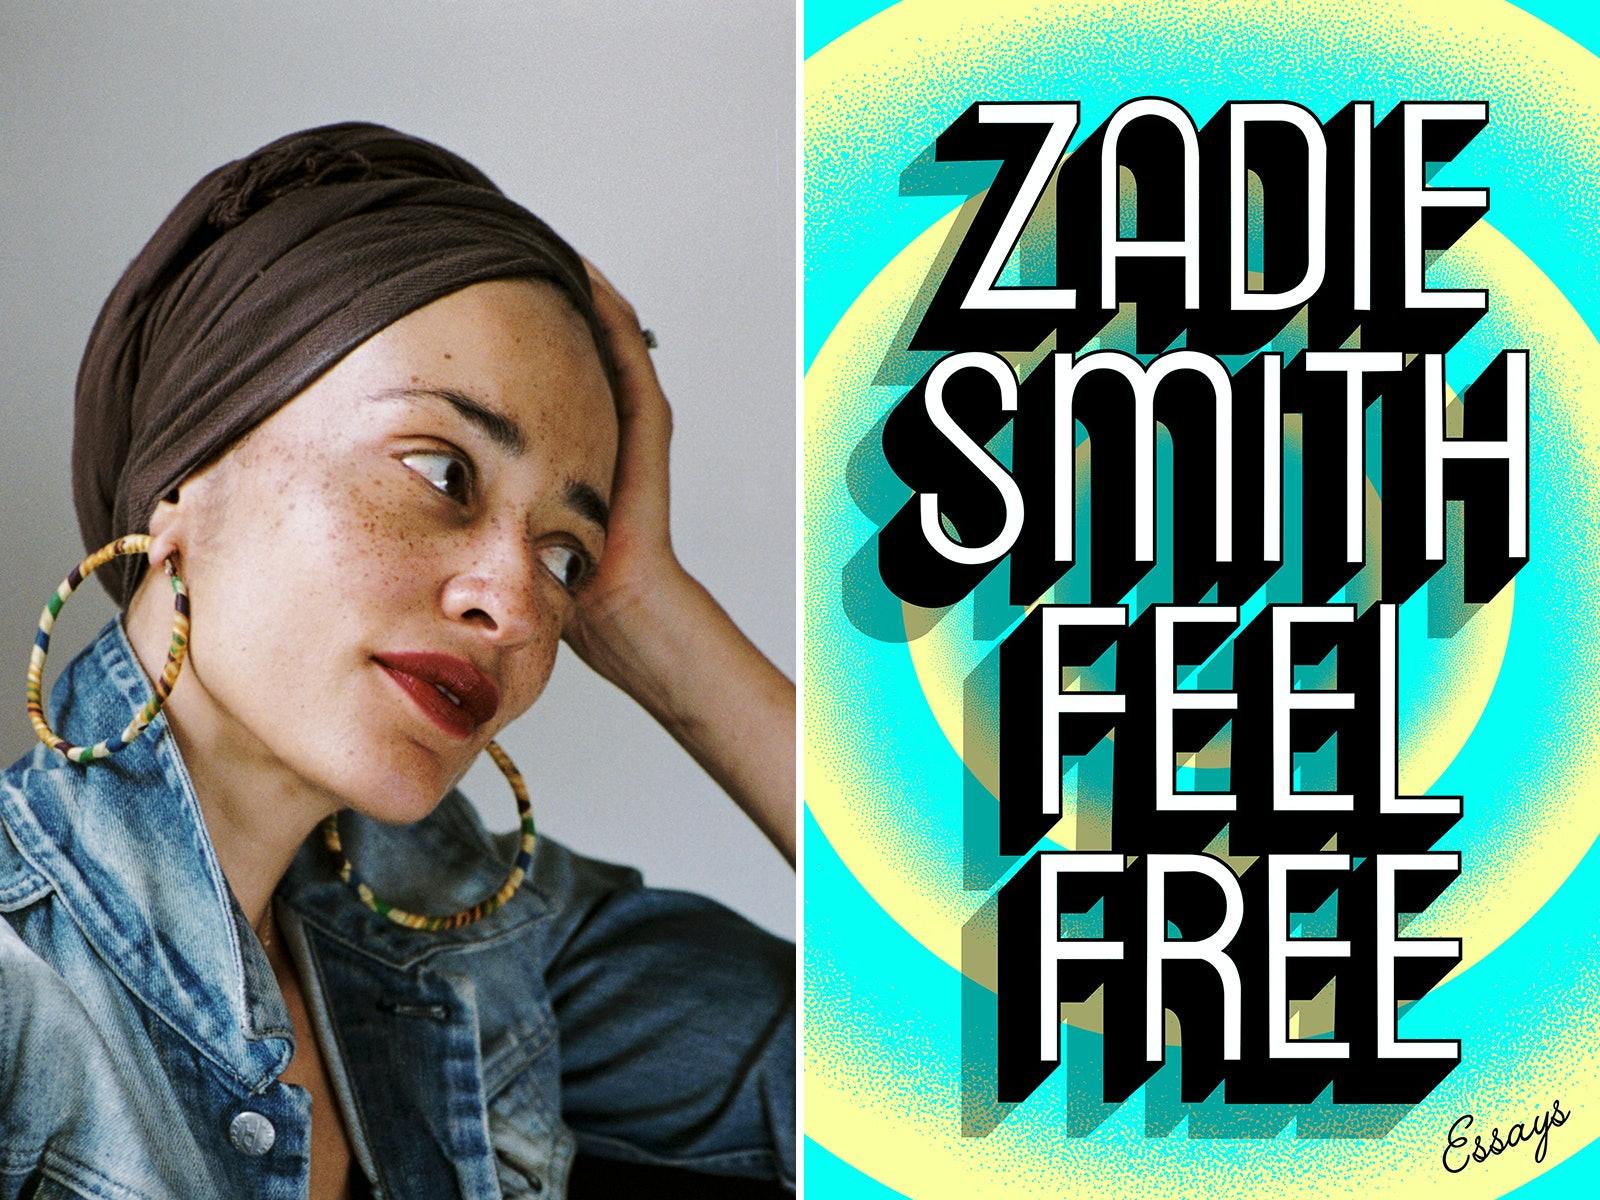 zadie smiths essay on joni mitchell